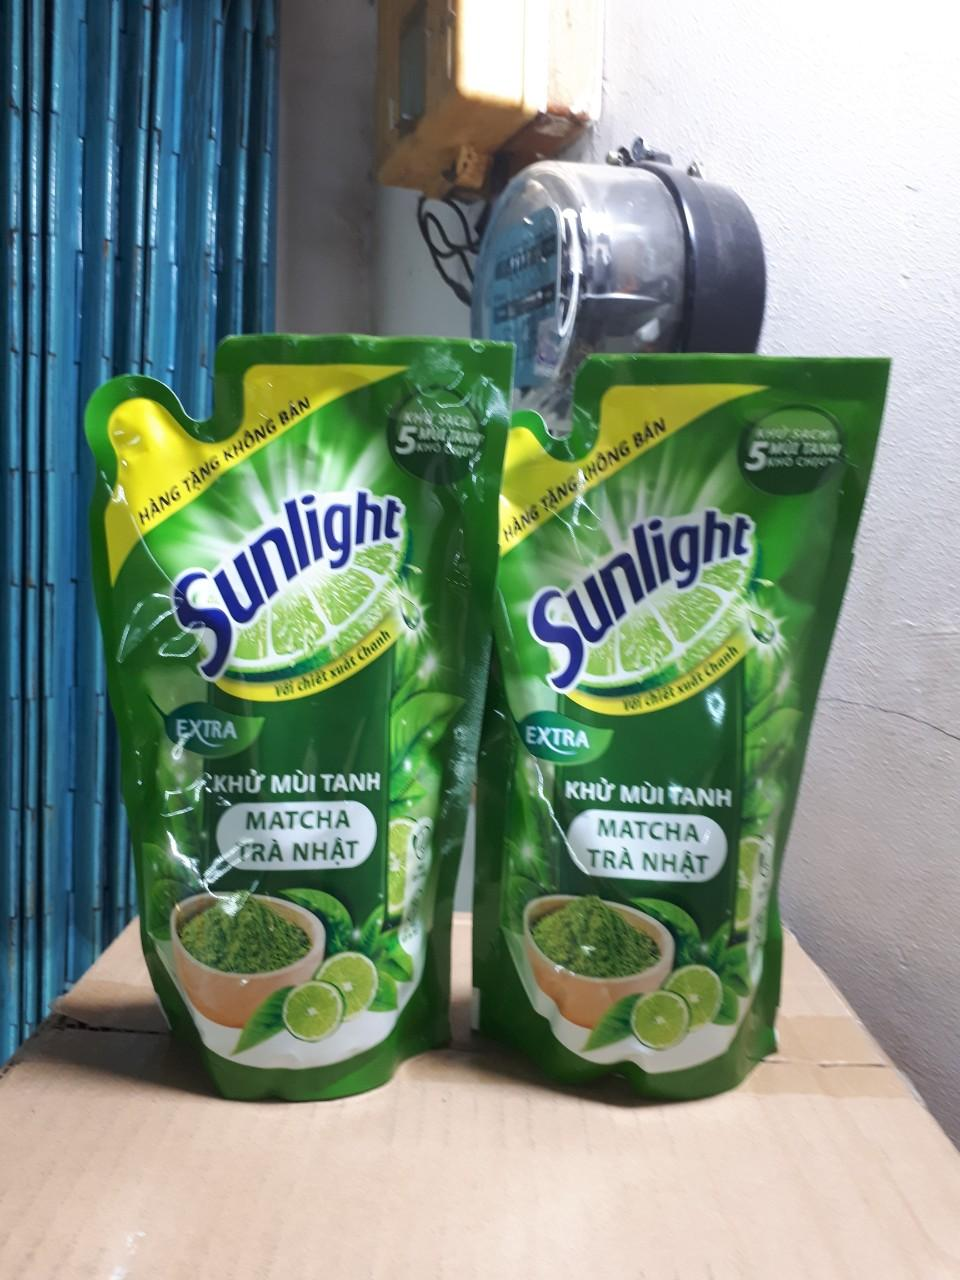 Hình ảnh Nước rửa chén Sunlight extra trà xanh Nhật Bản 550g (Hàng tặng)